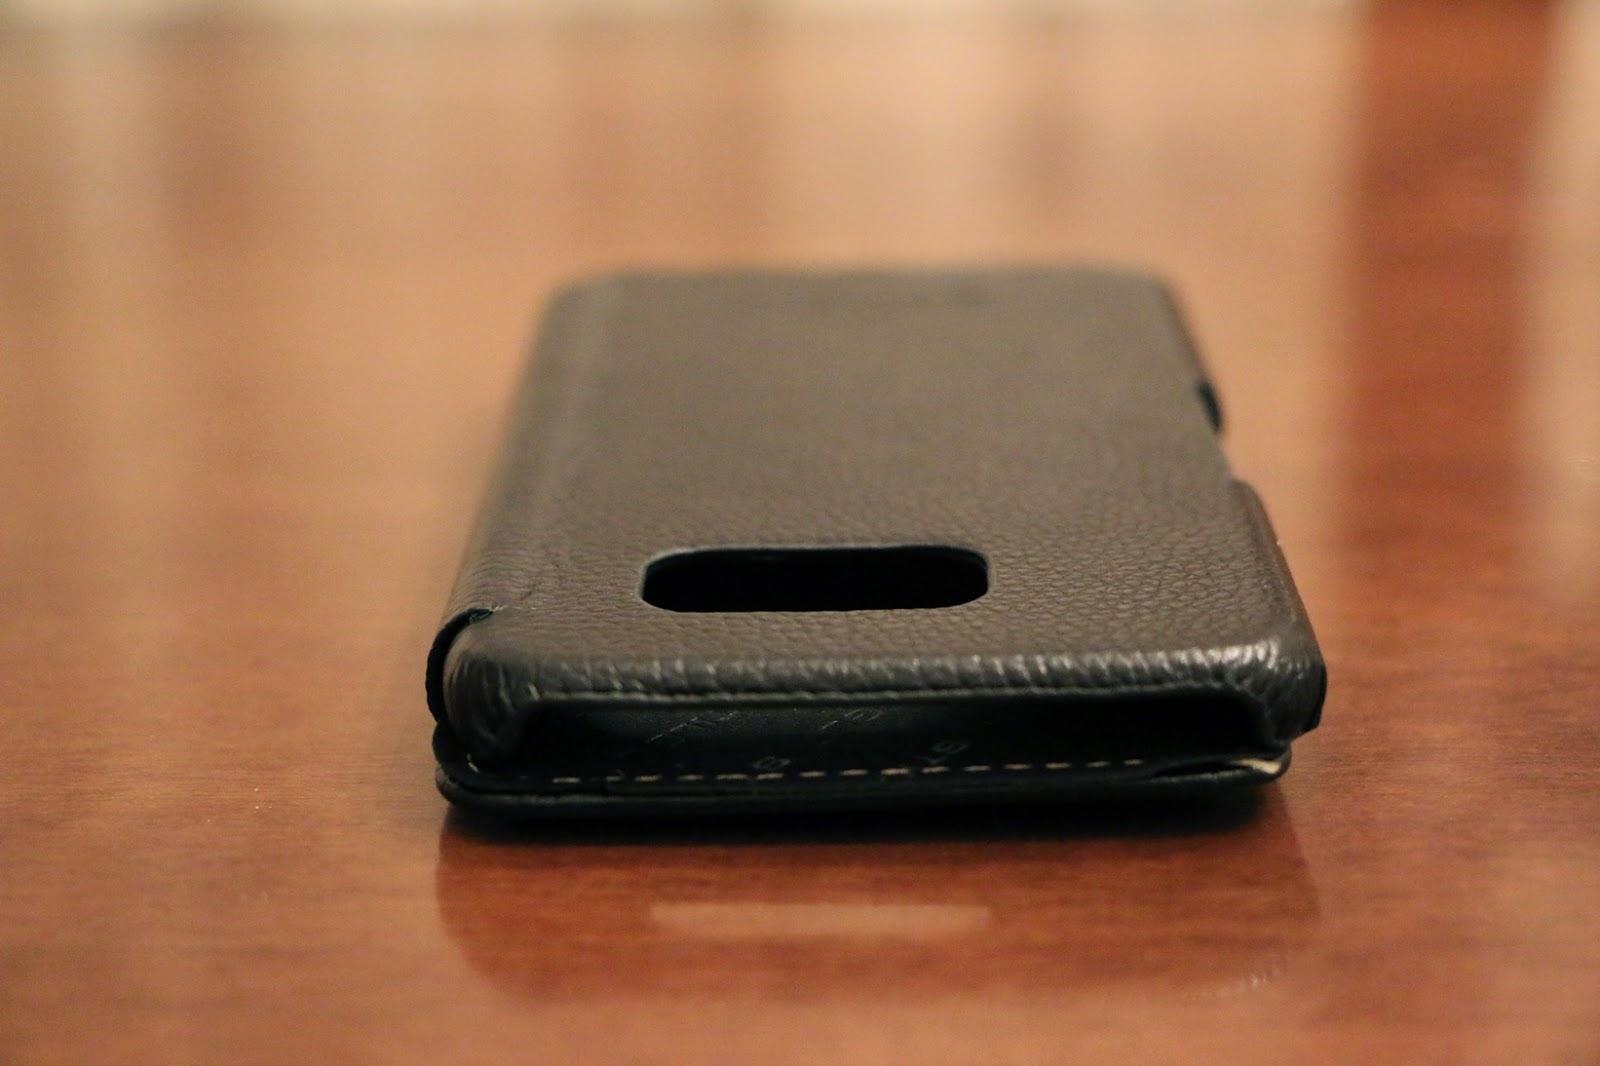 StilGut custodia Galaxy S6 modello Book Type nera vista laterale 2